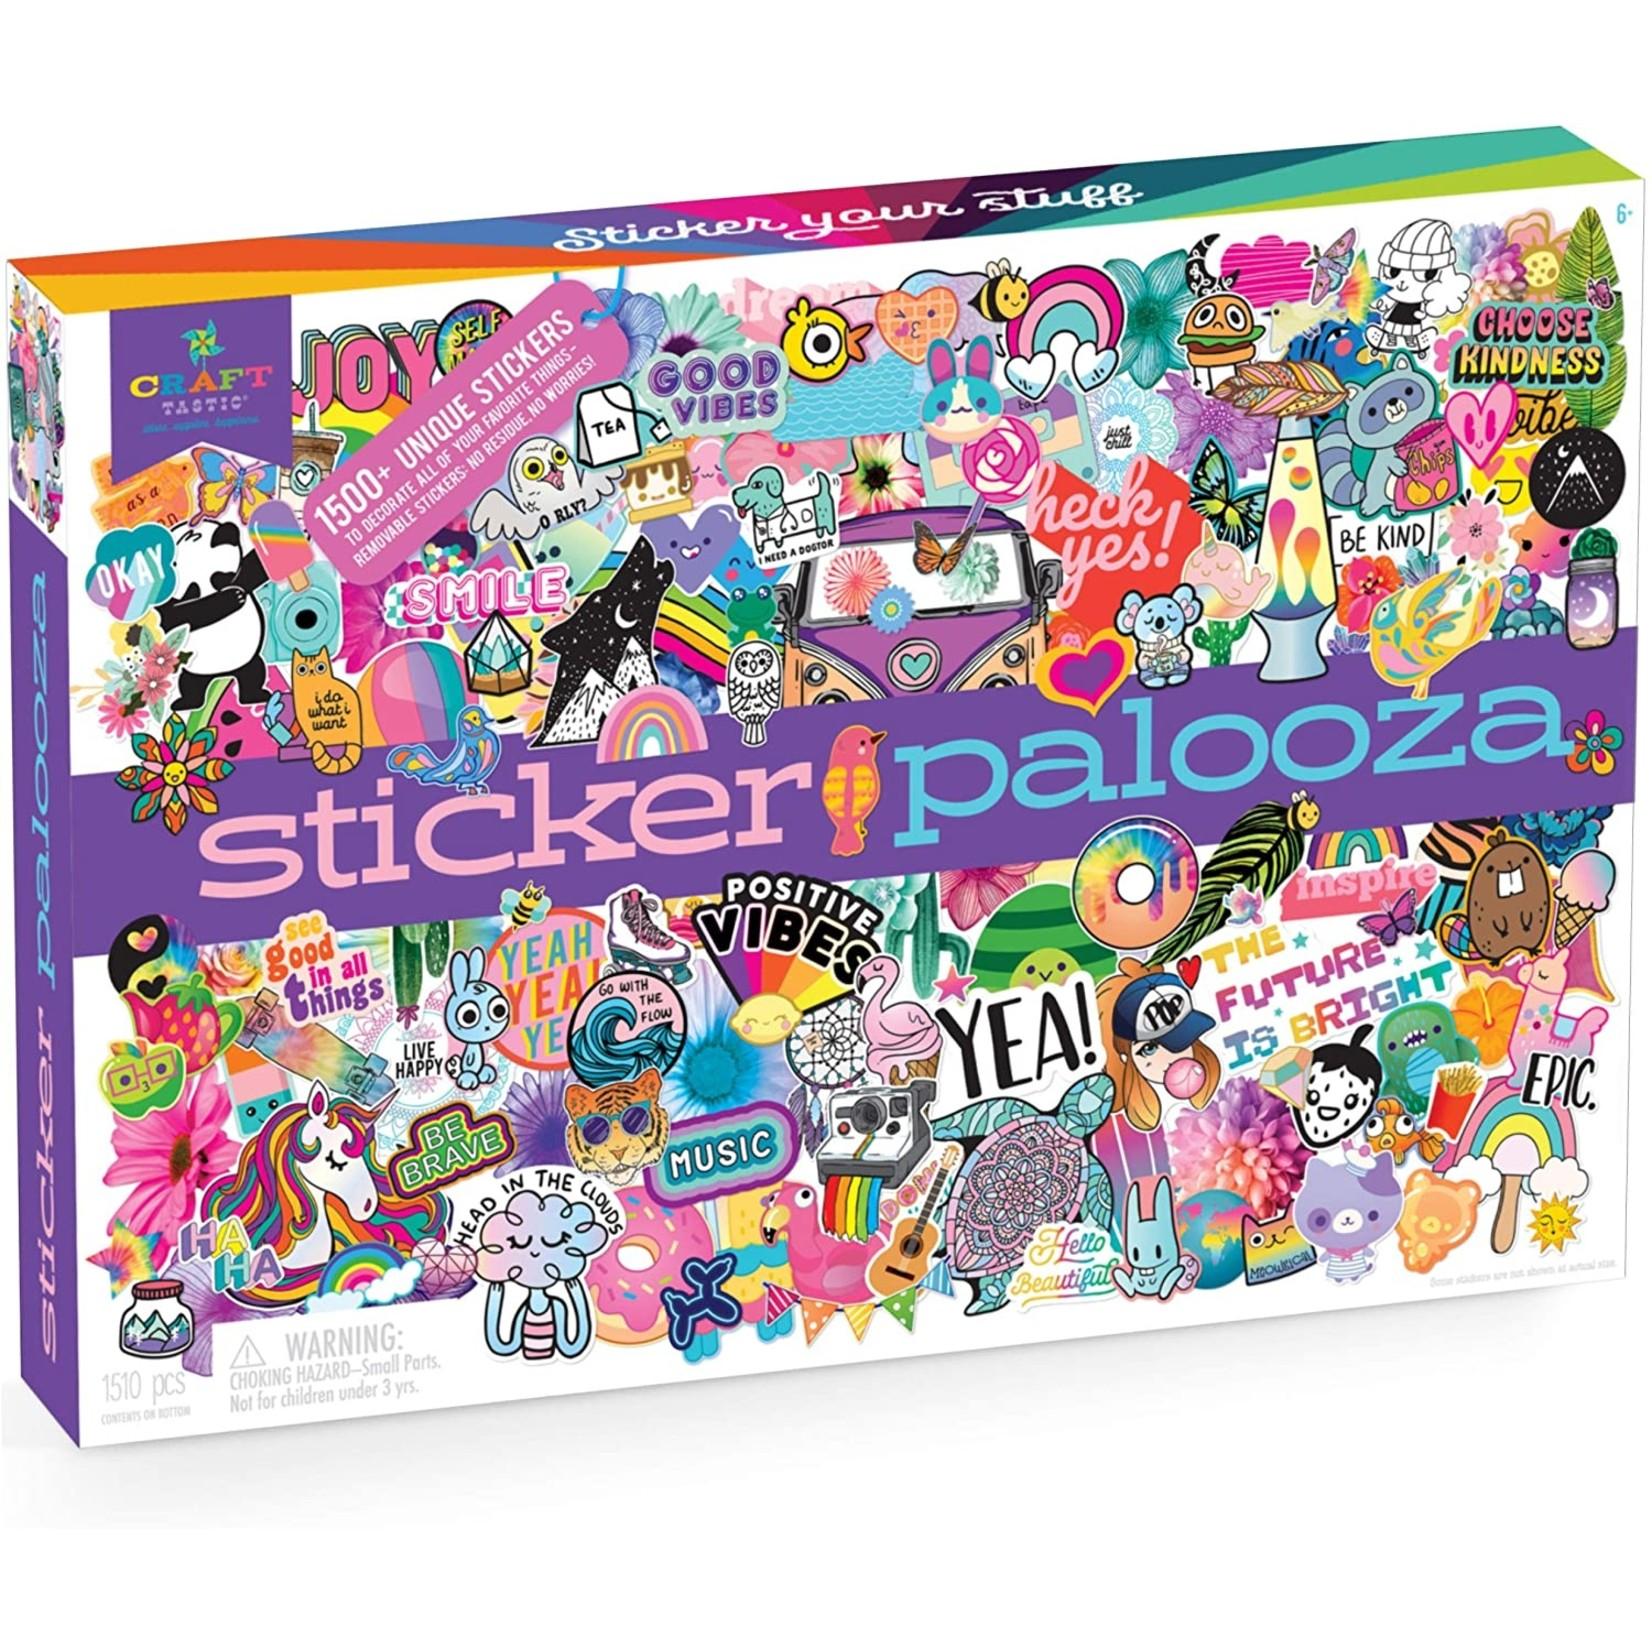 Sticker Palooza Kit